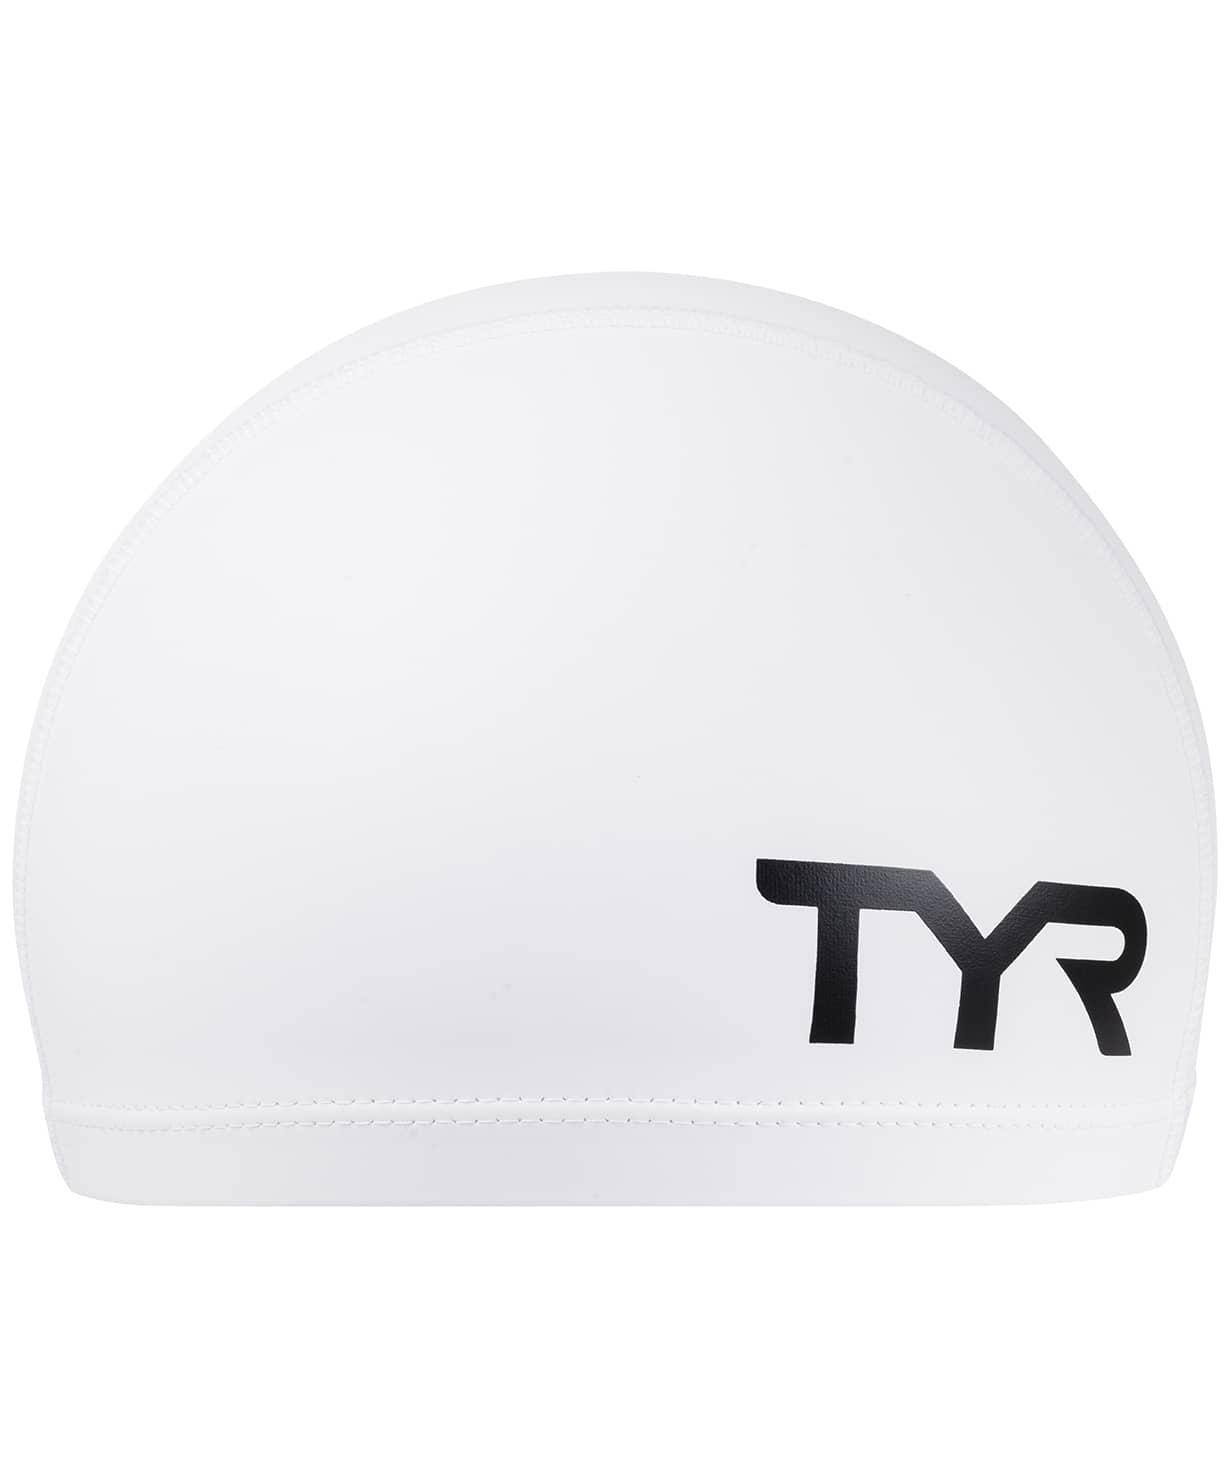 Шапочка для плавания Silicone Comfort Swim Cap, силикон, LSCCAP/100, белый